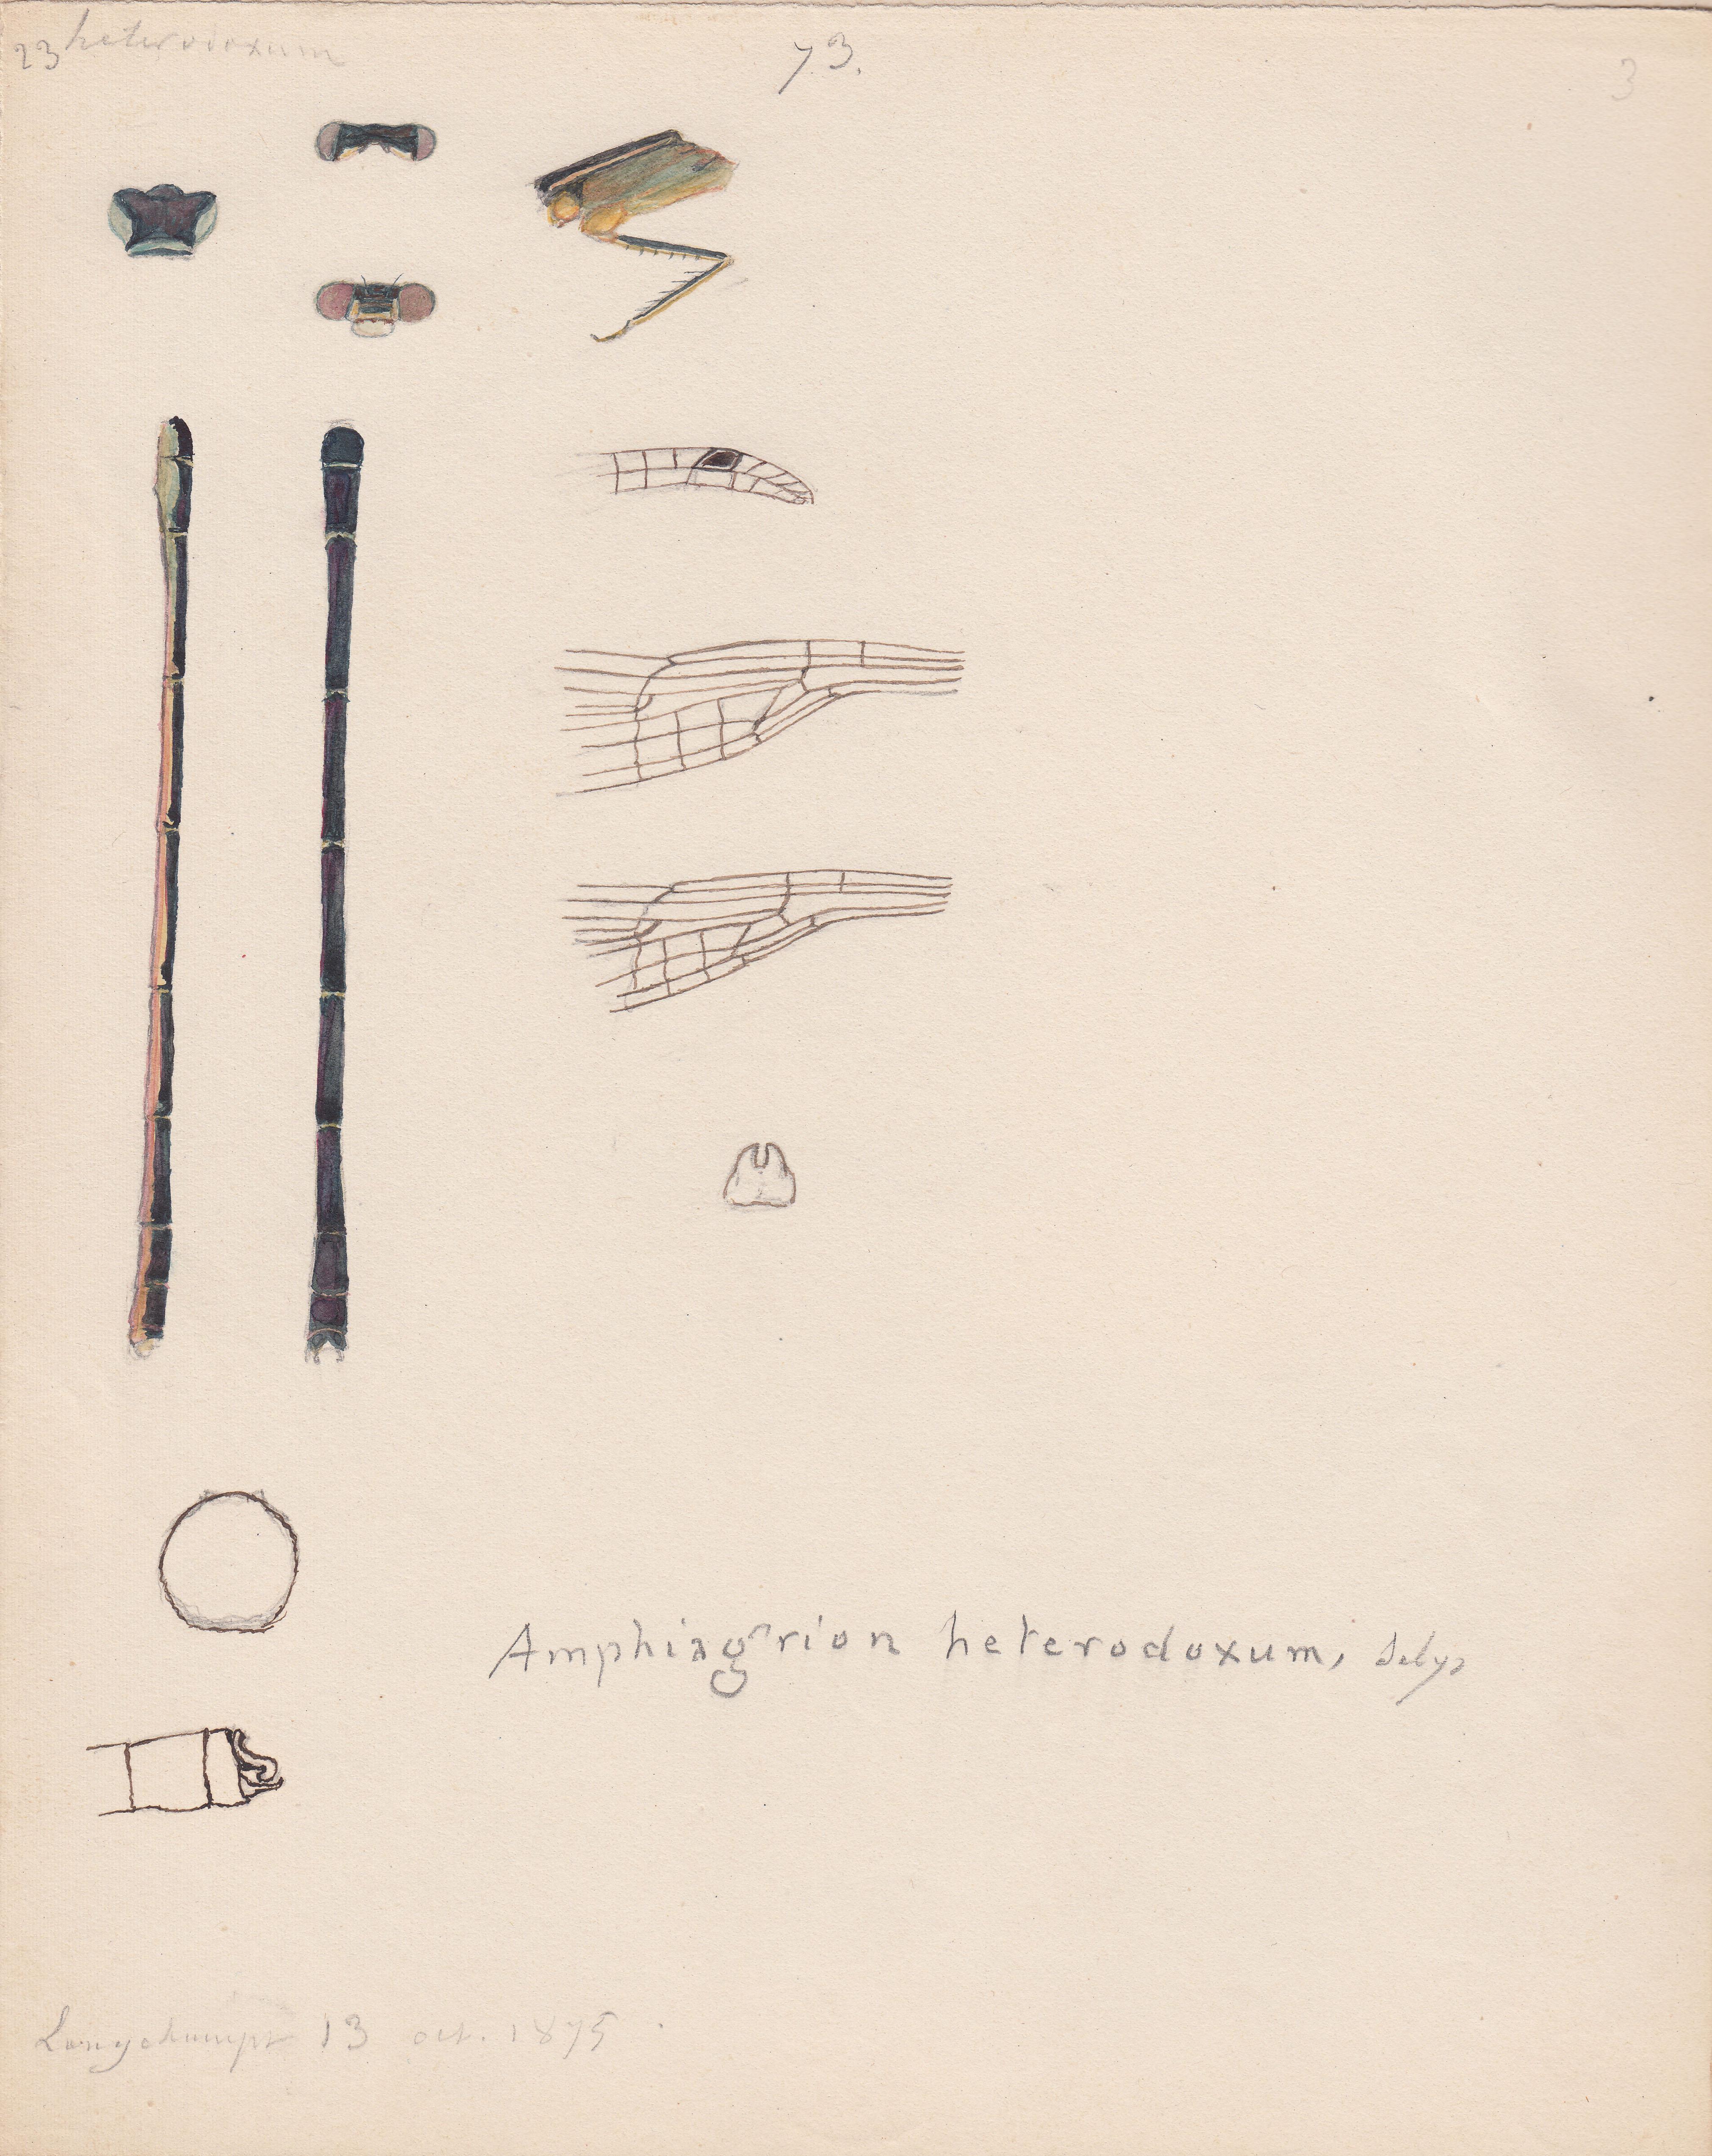 Amphiagrion heterodoxum.jpg